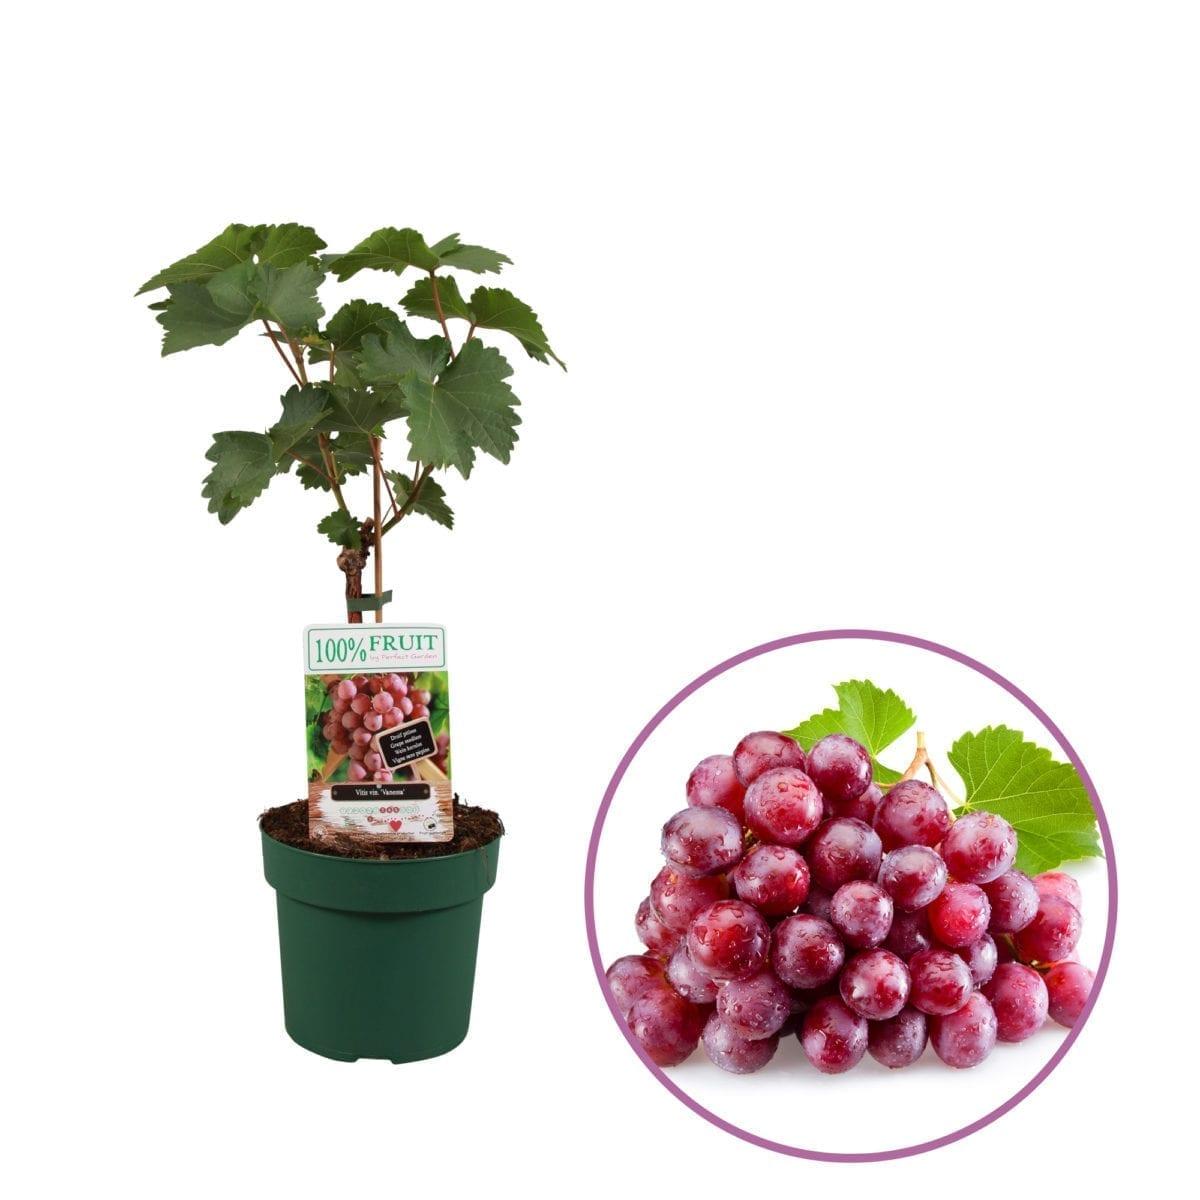 boskoopsefruitbomen | rode druif